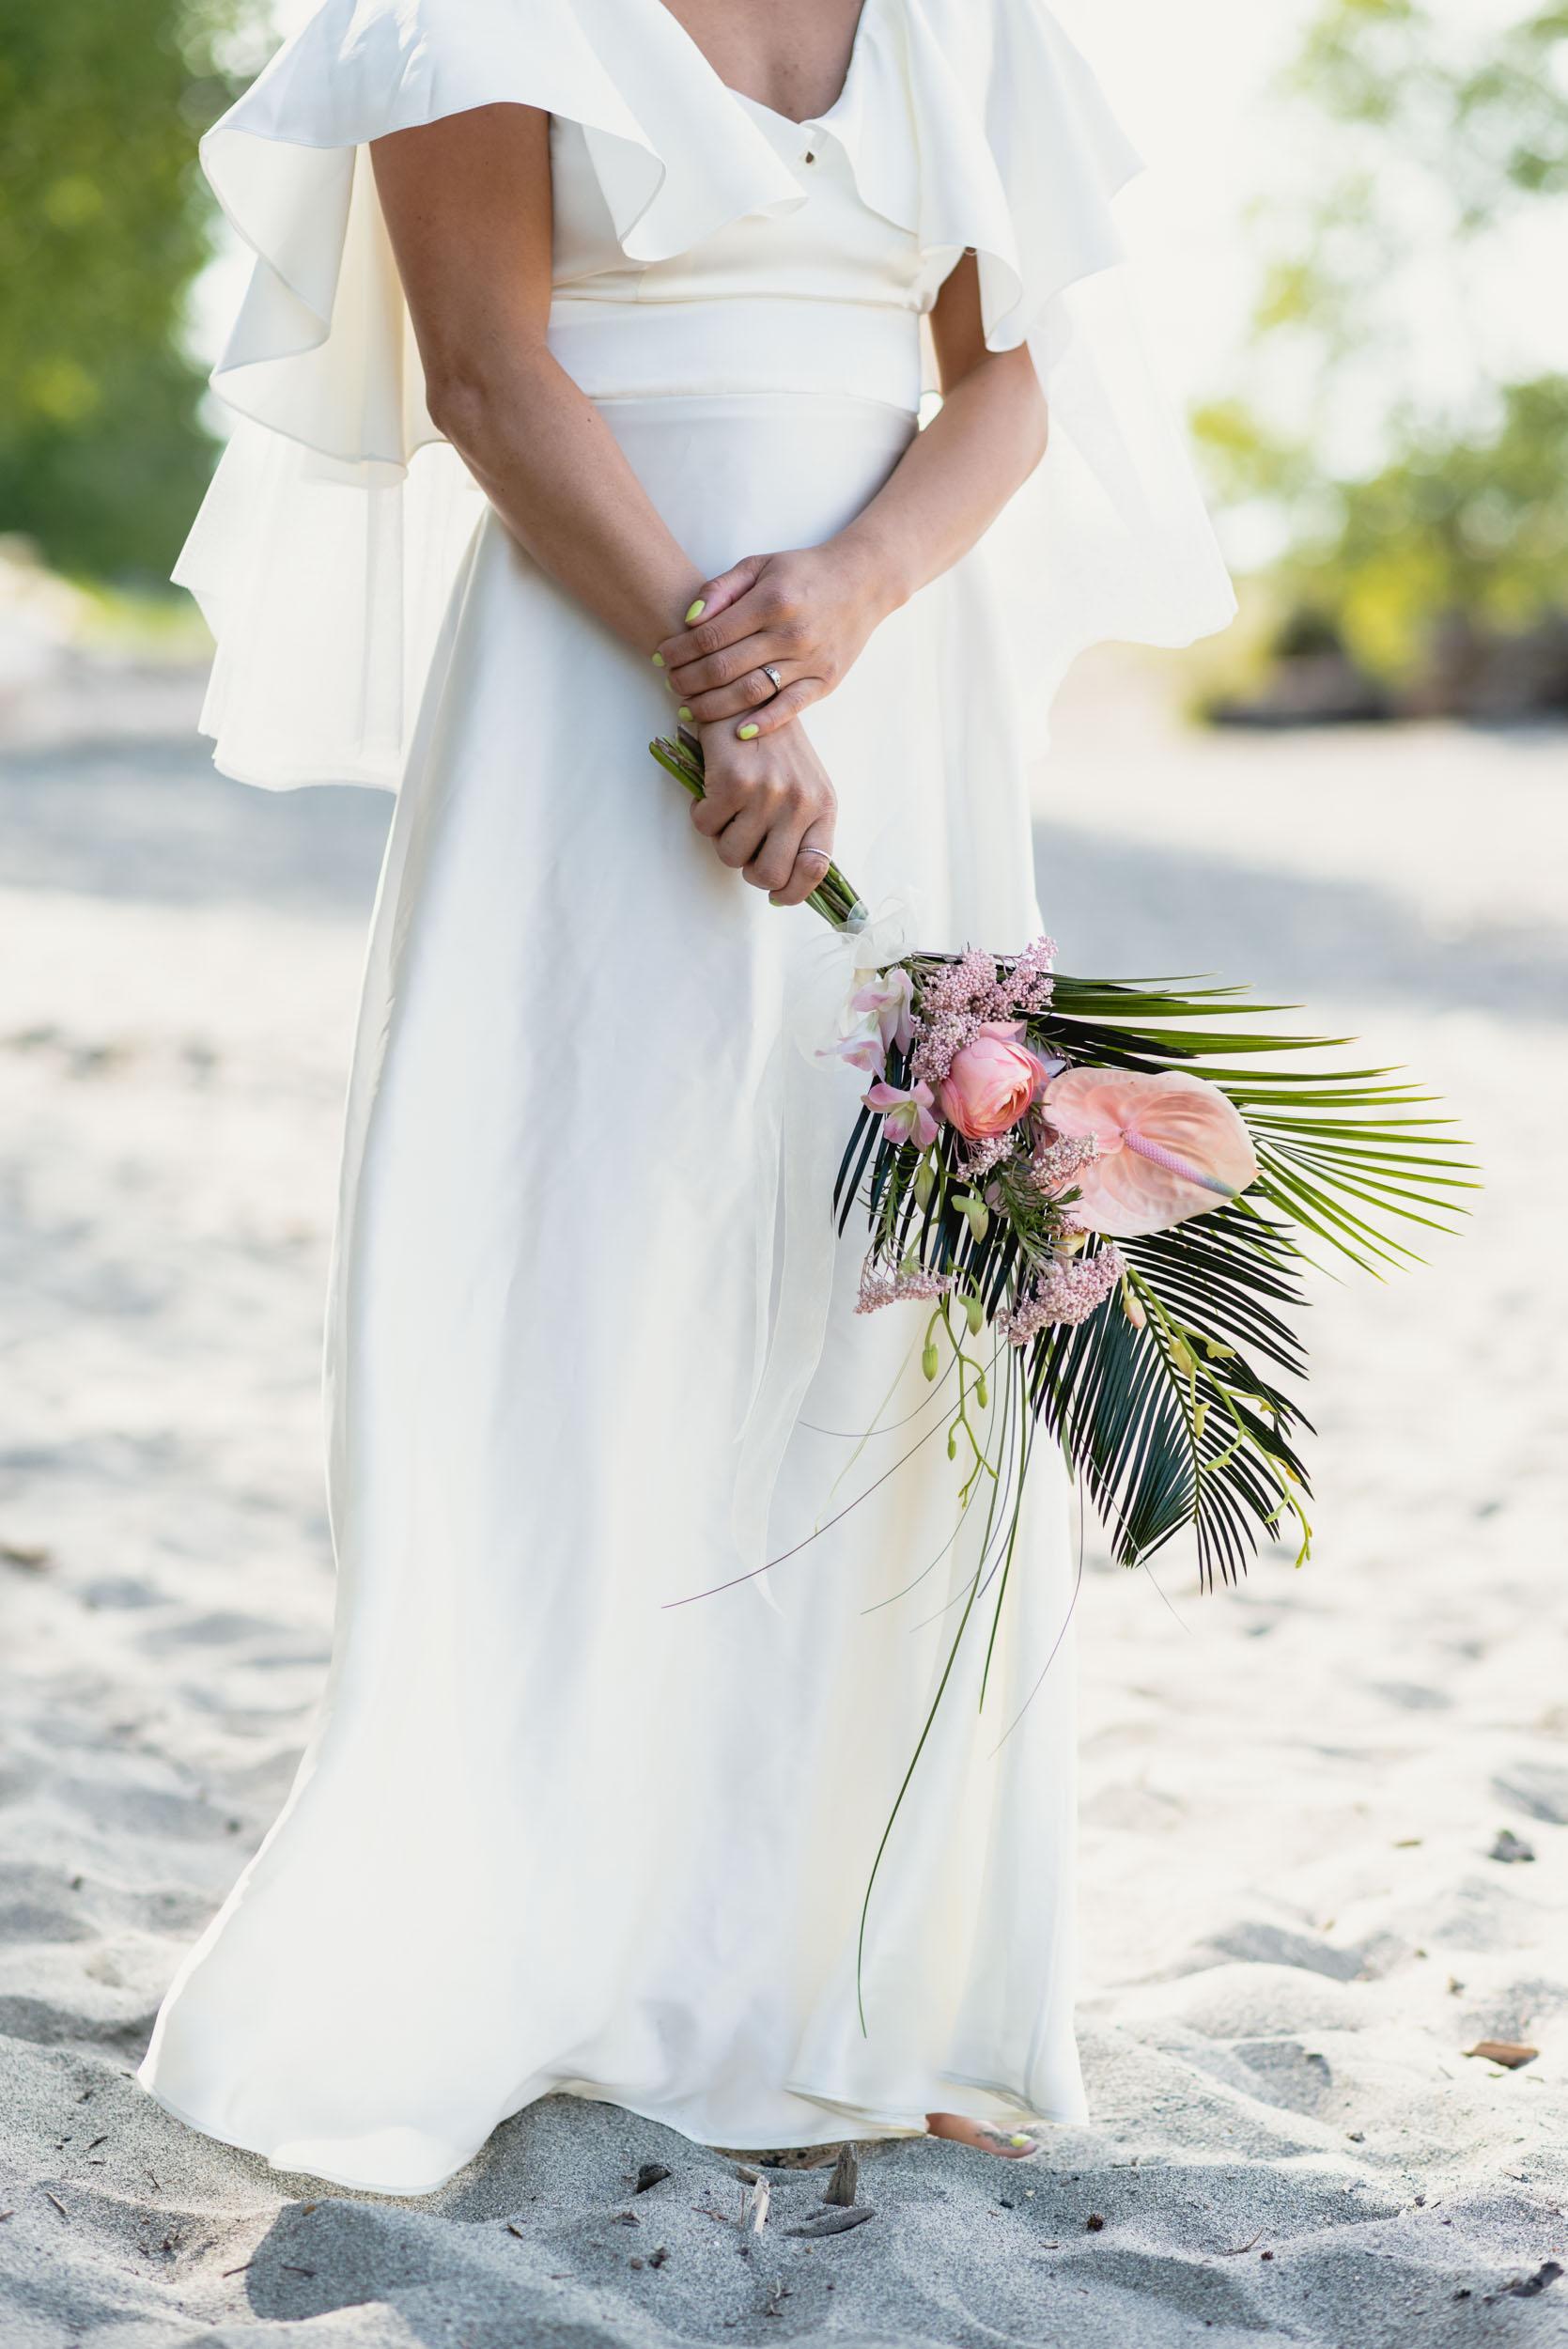 20190511-WeddingKirstenJordan-20.jpg